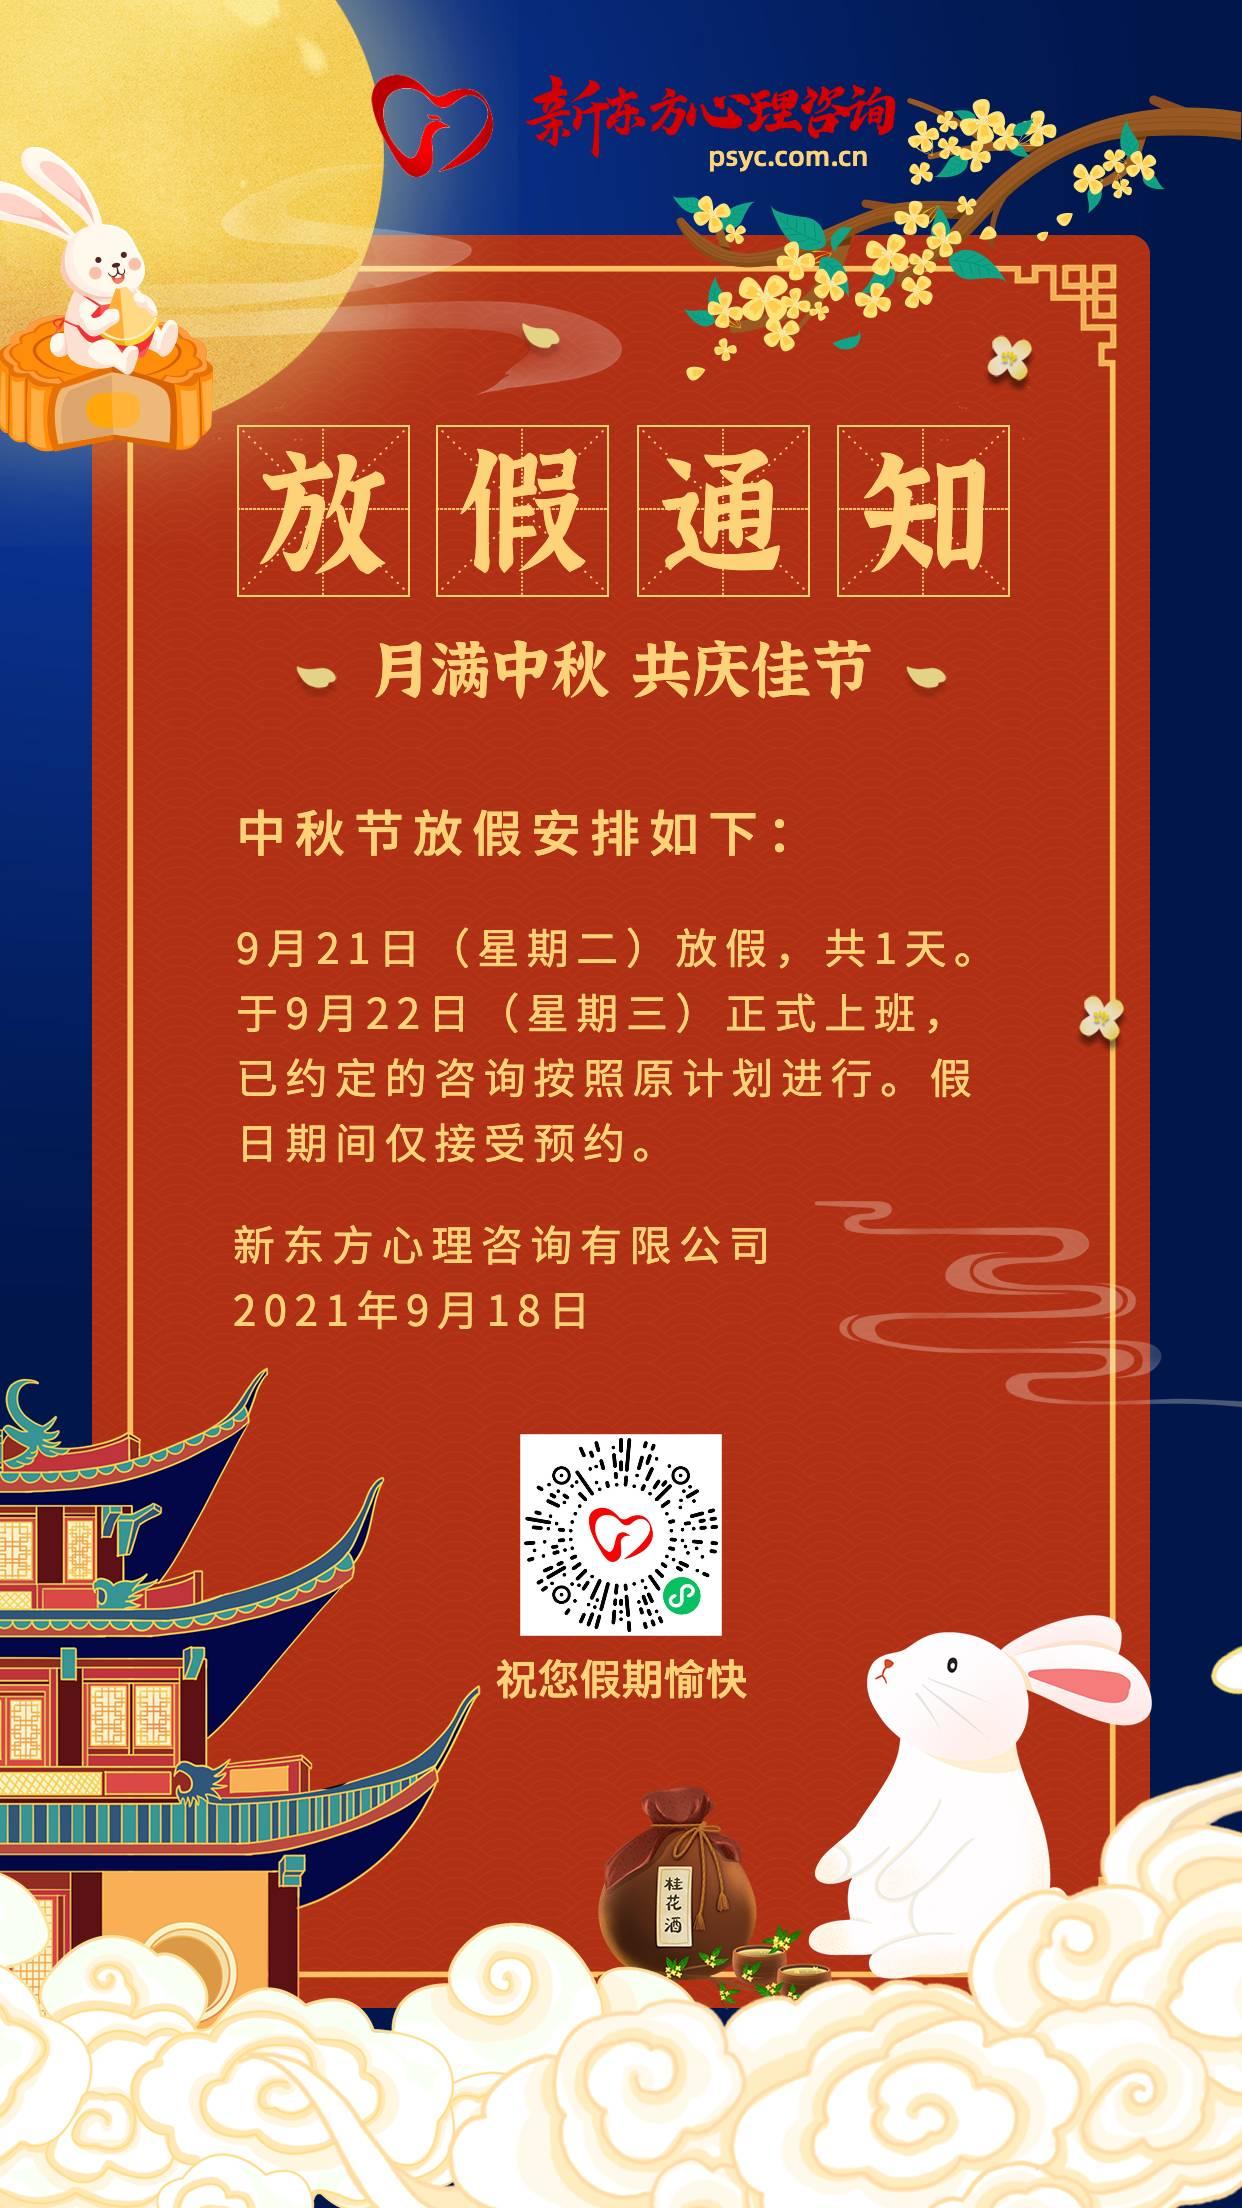 2021新东方心理咨询中秋节放假安排